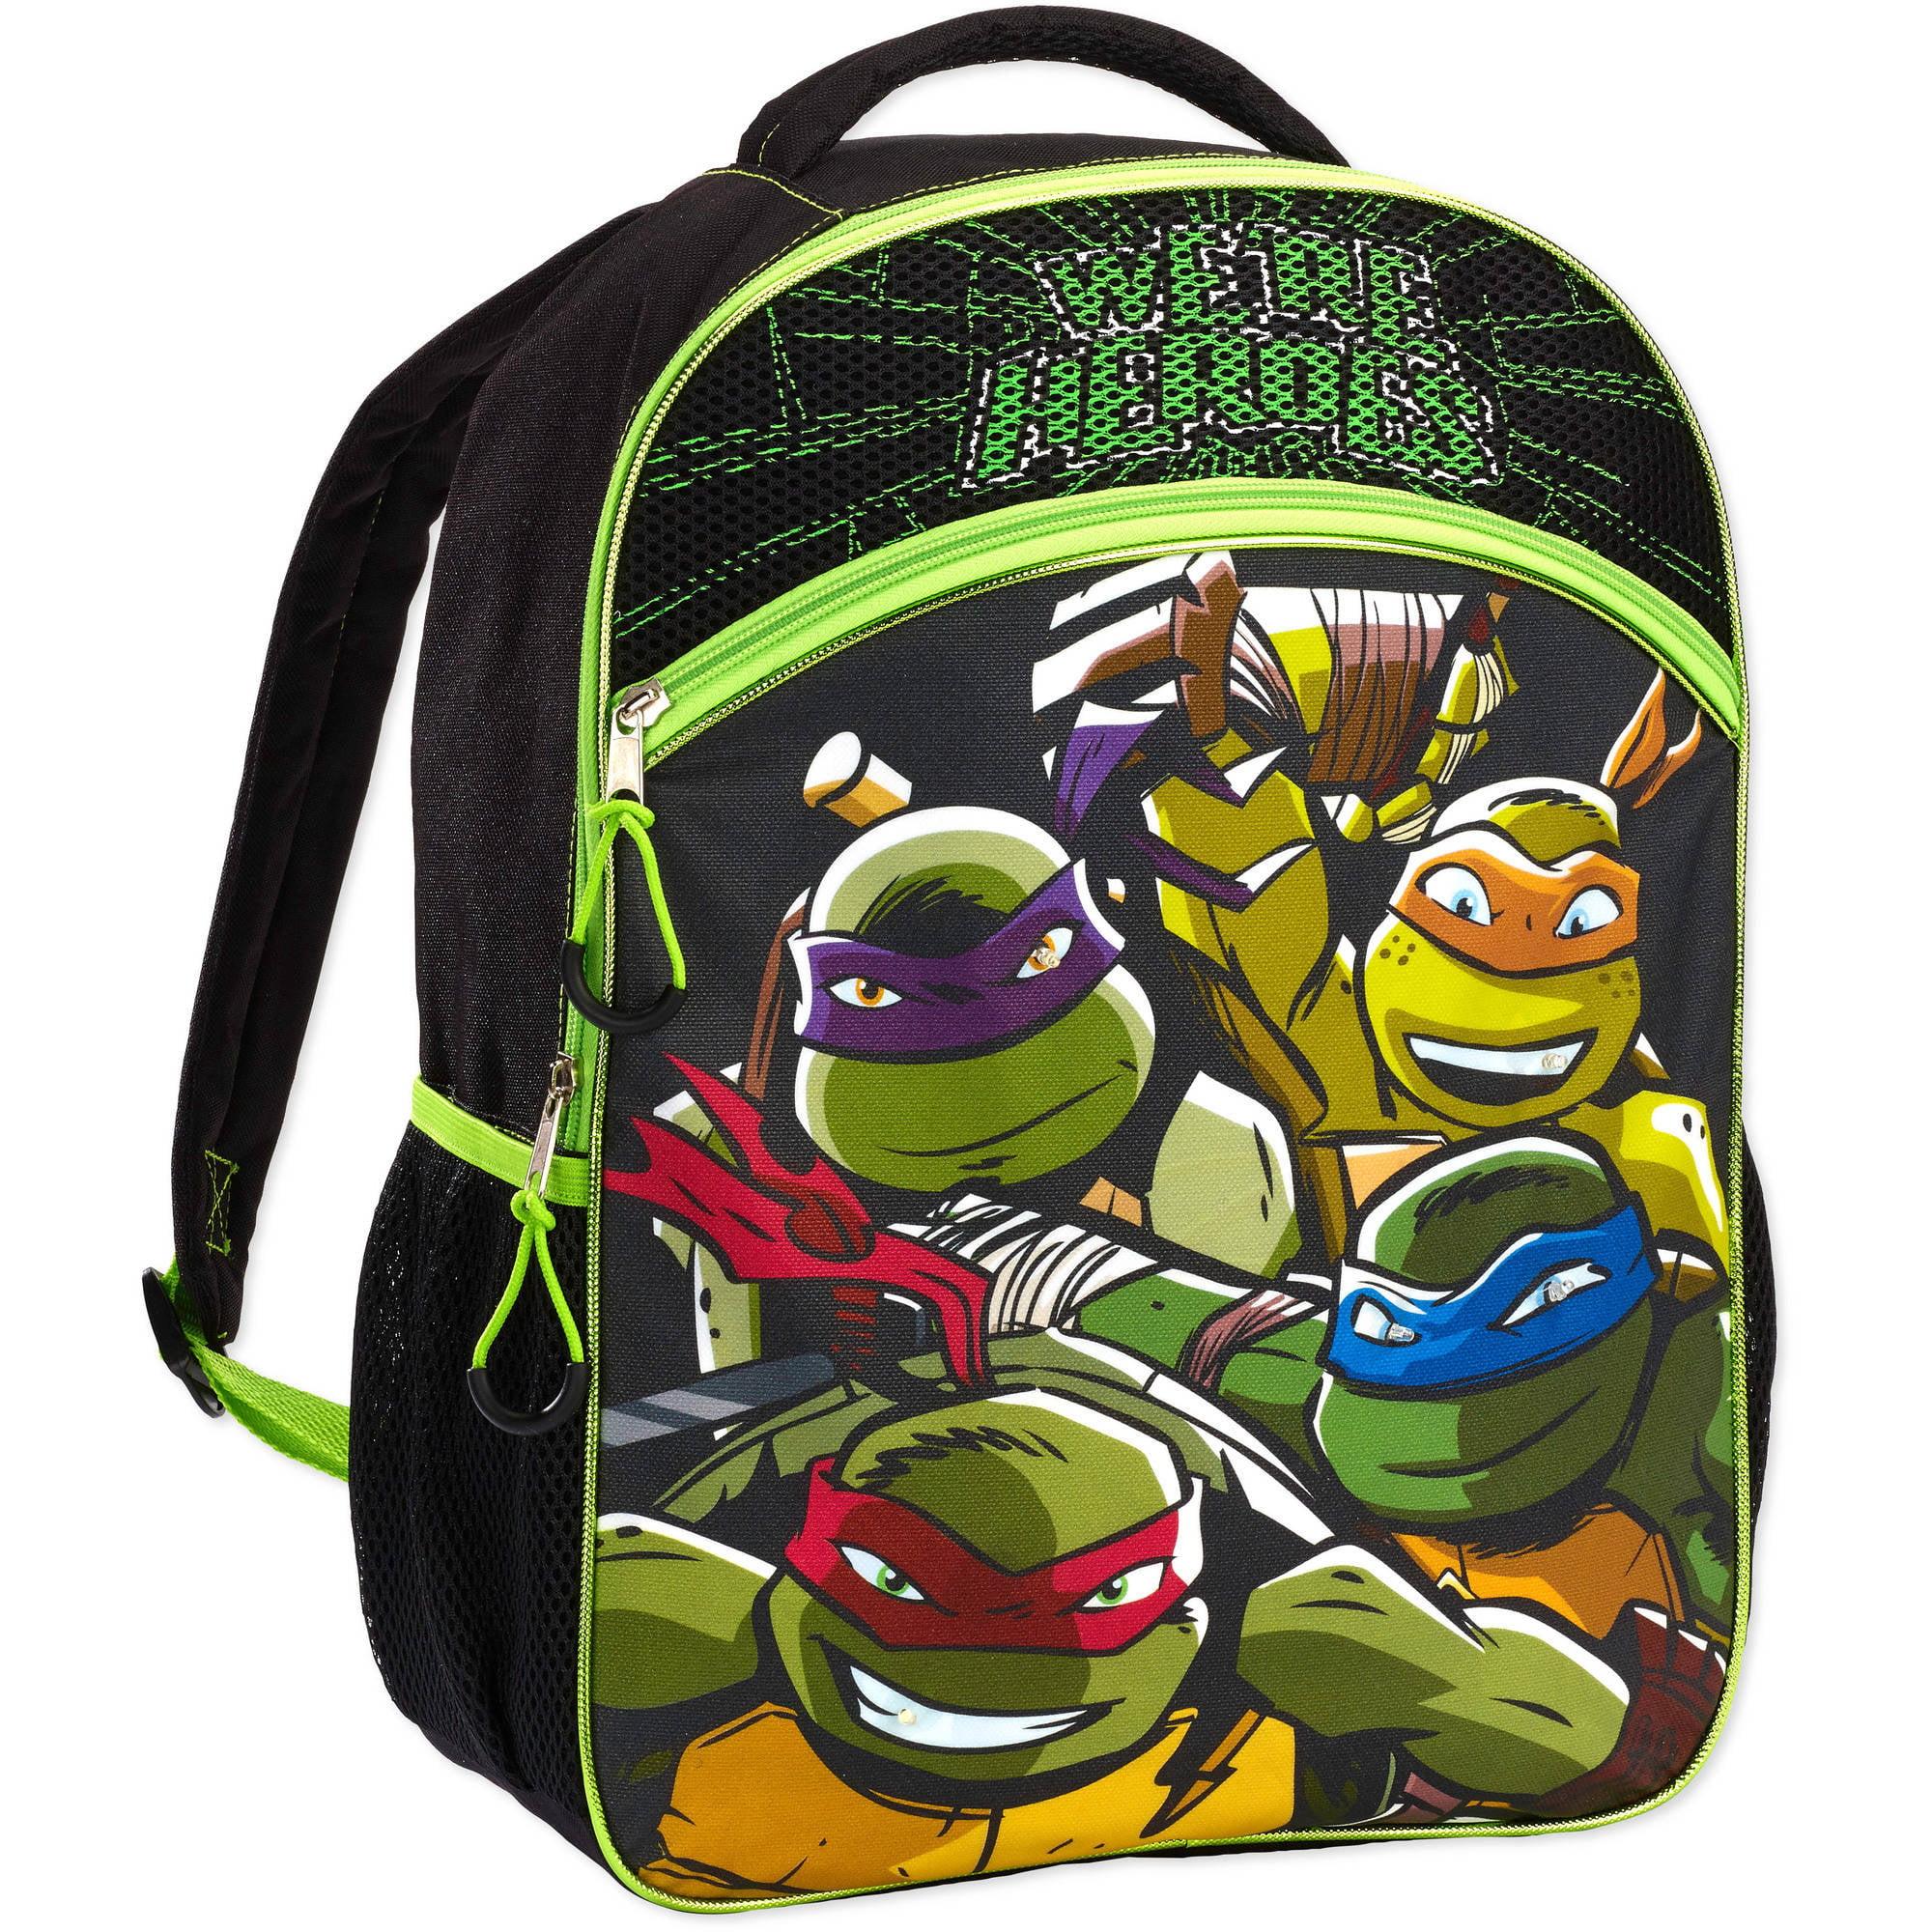 Teenage Mutant Ninja Turtles Heroes Backpack School Travel Action Back Pack